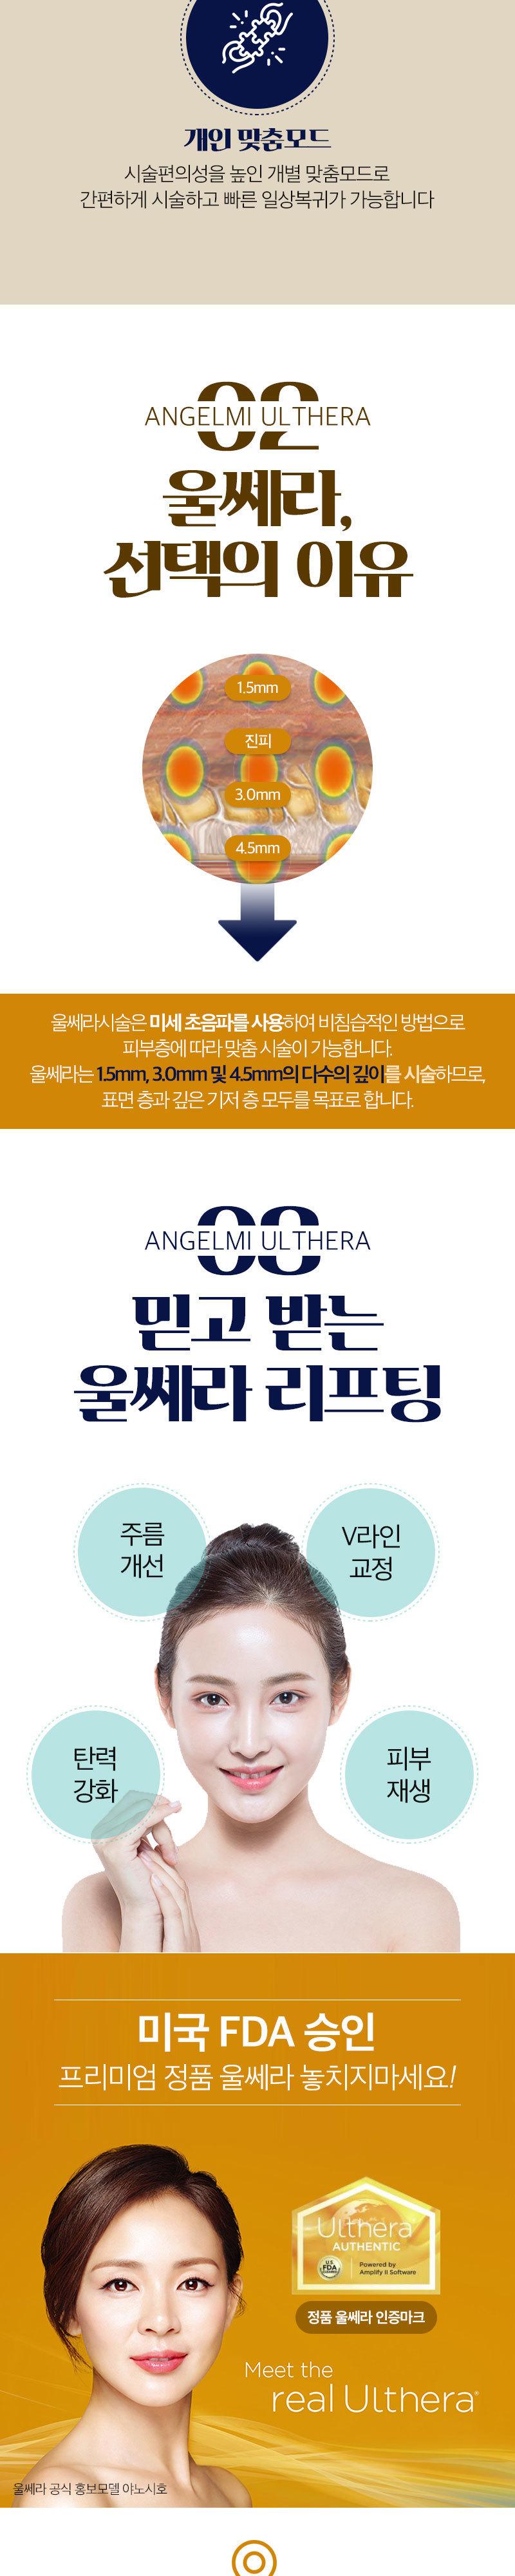 D event info 48f45c13368c9e30df